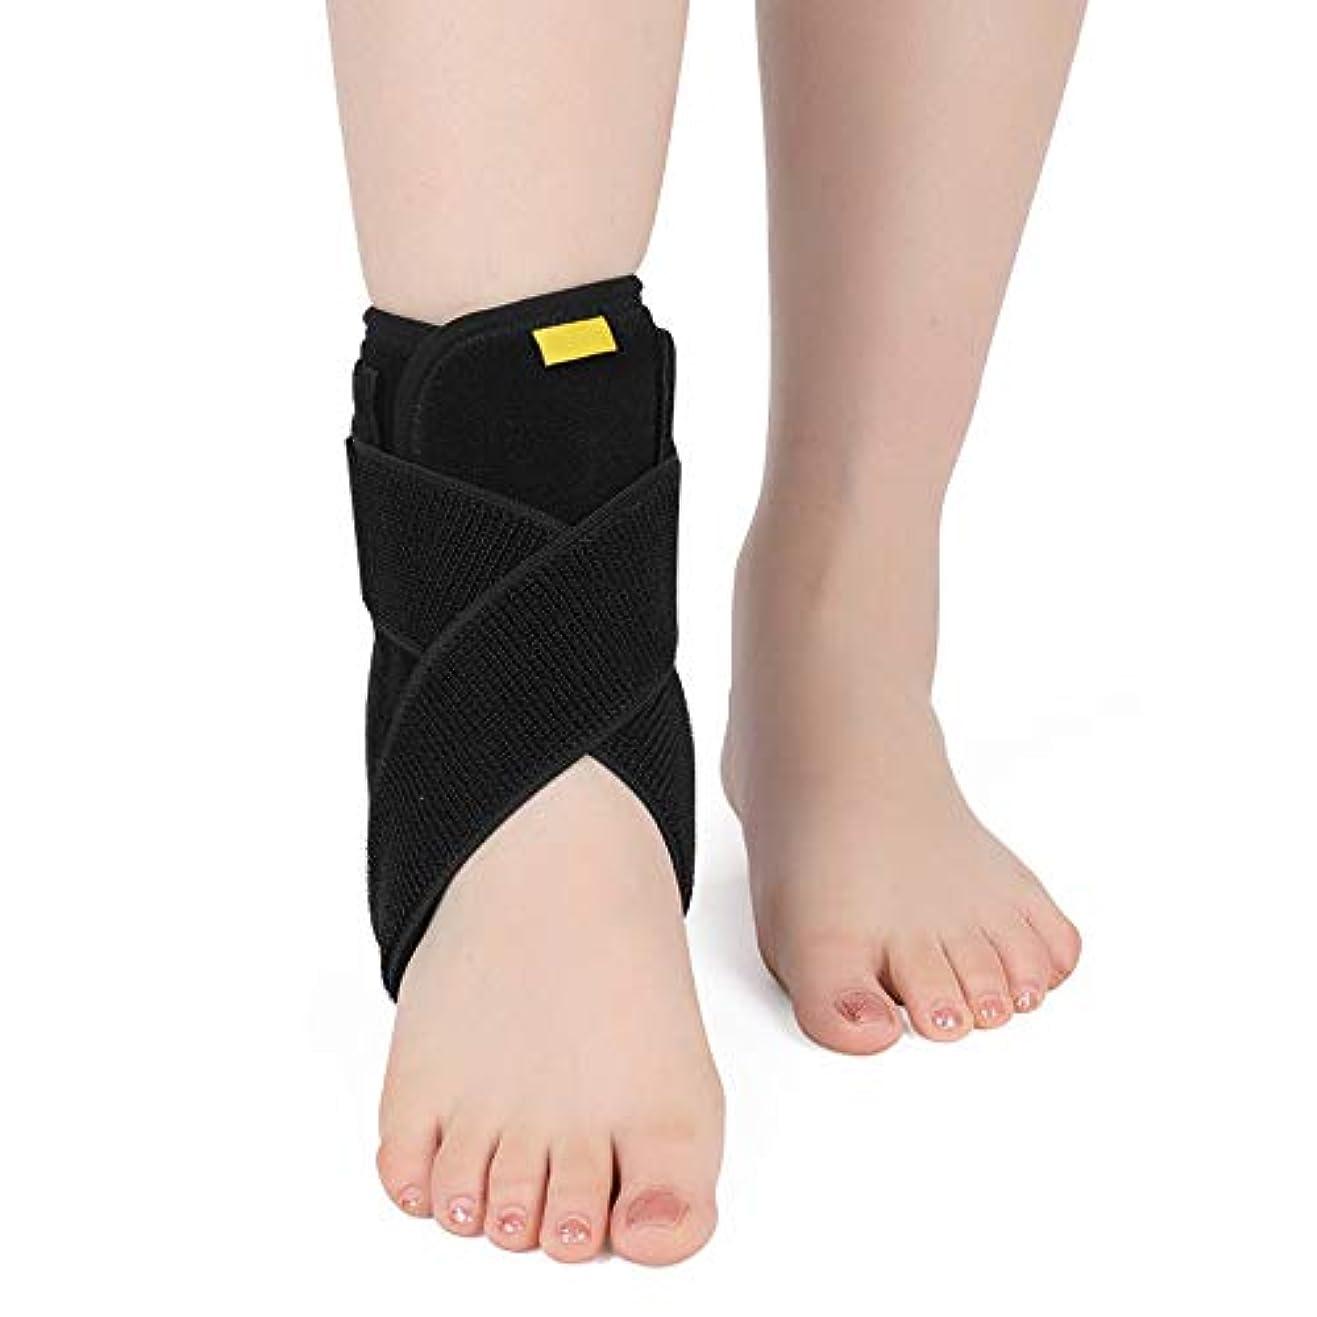 足底筋膜炎のサポート - 足首のサポート、伸縮性のある足首のブレスレット、調節可能な通気性の足のための調節可能なストラップ、男性と女性のための、運動やジムの痛みを和らげるのに適した